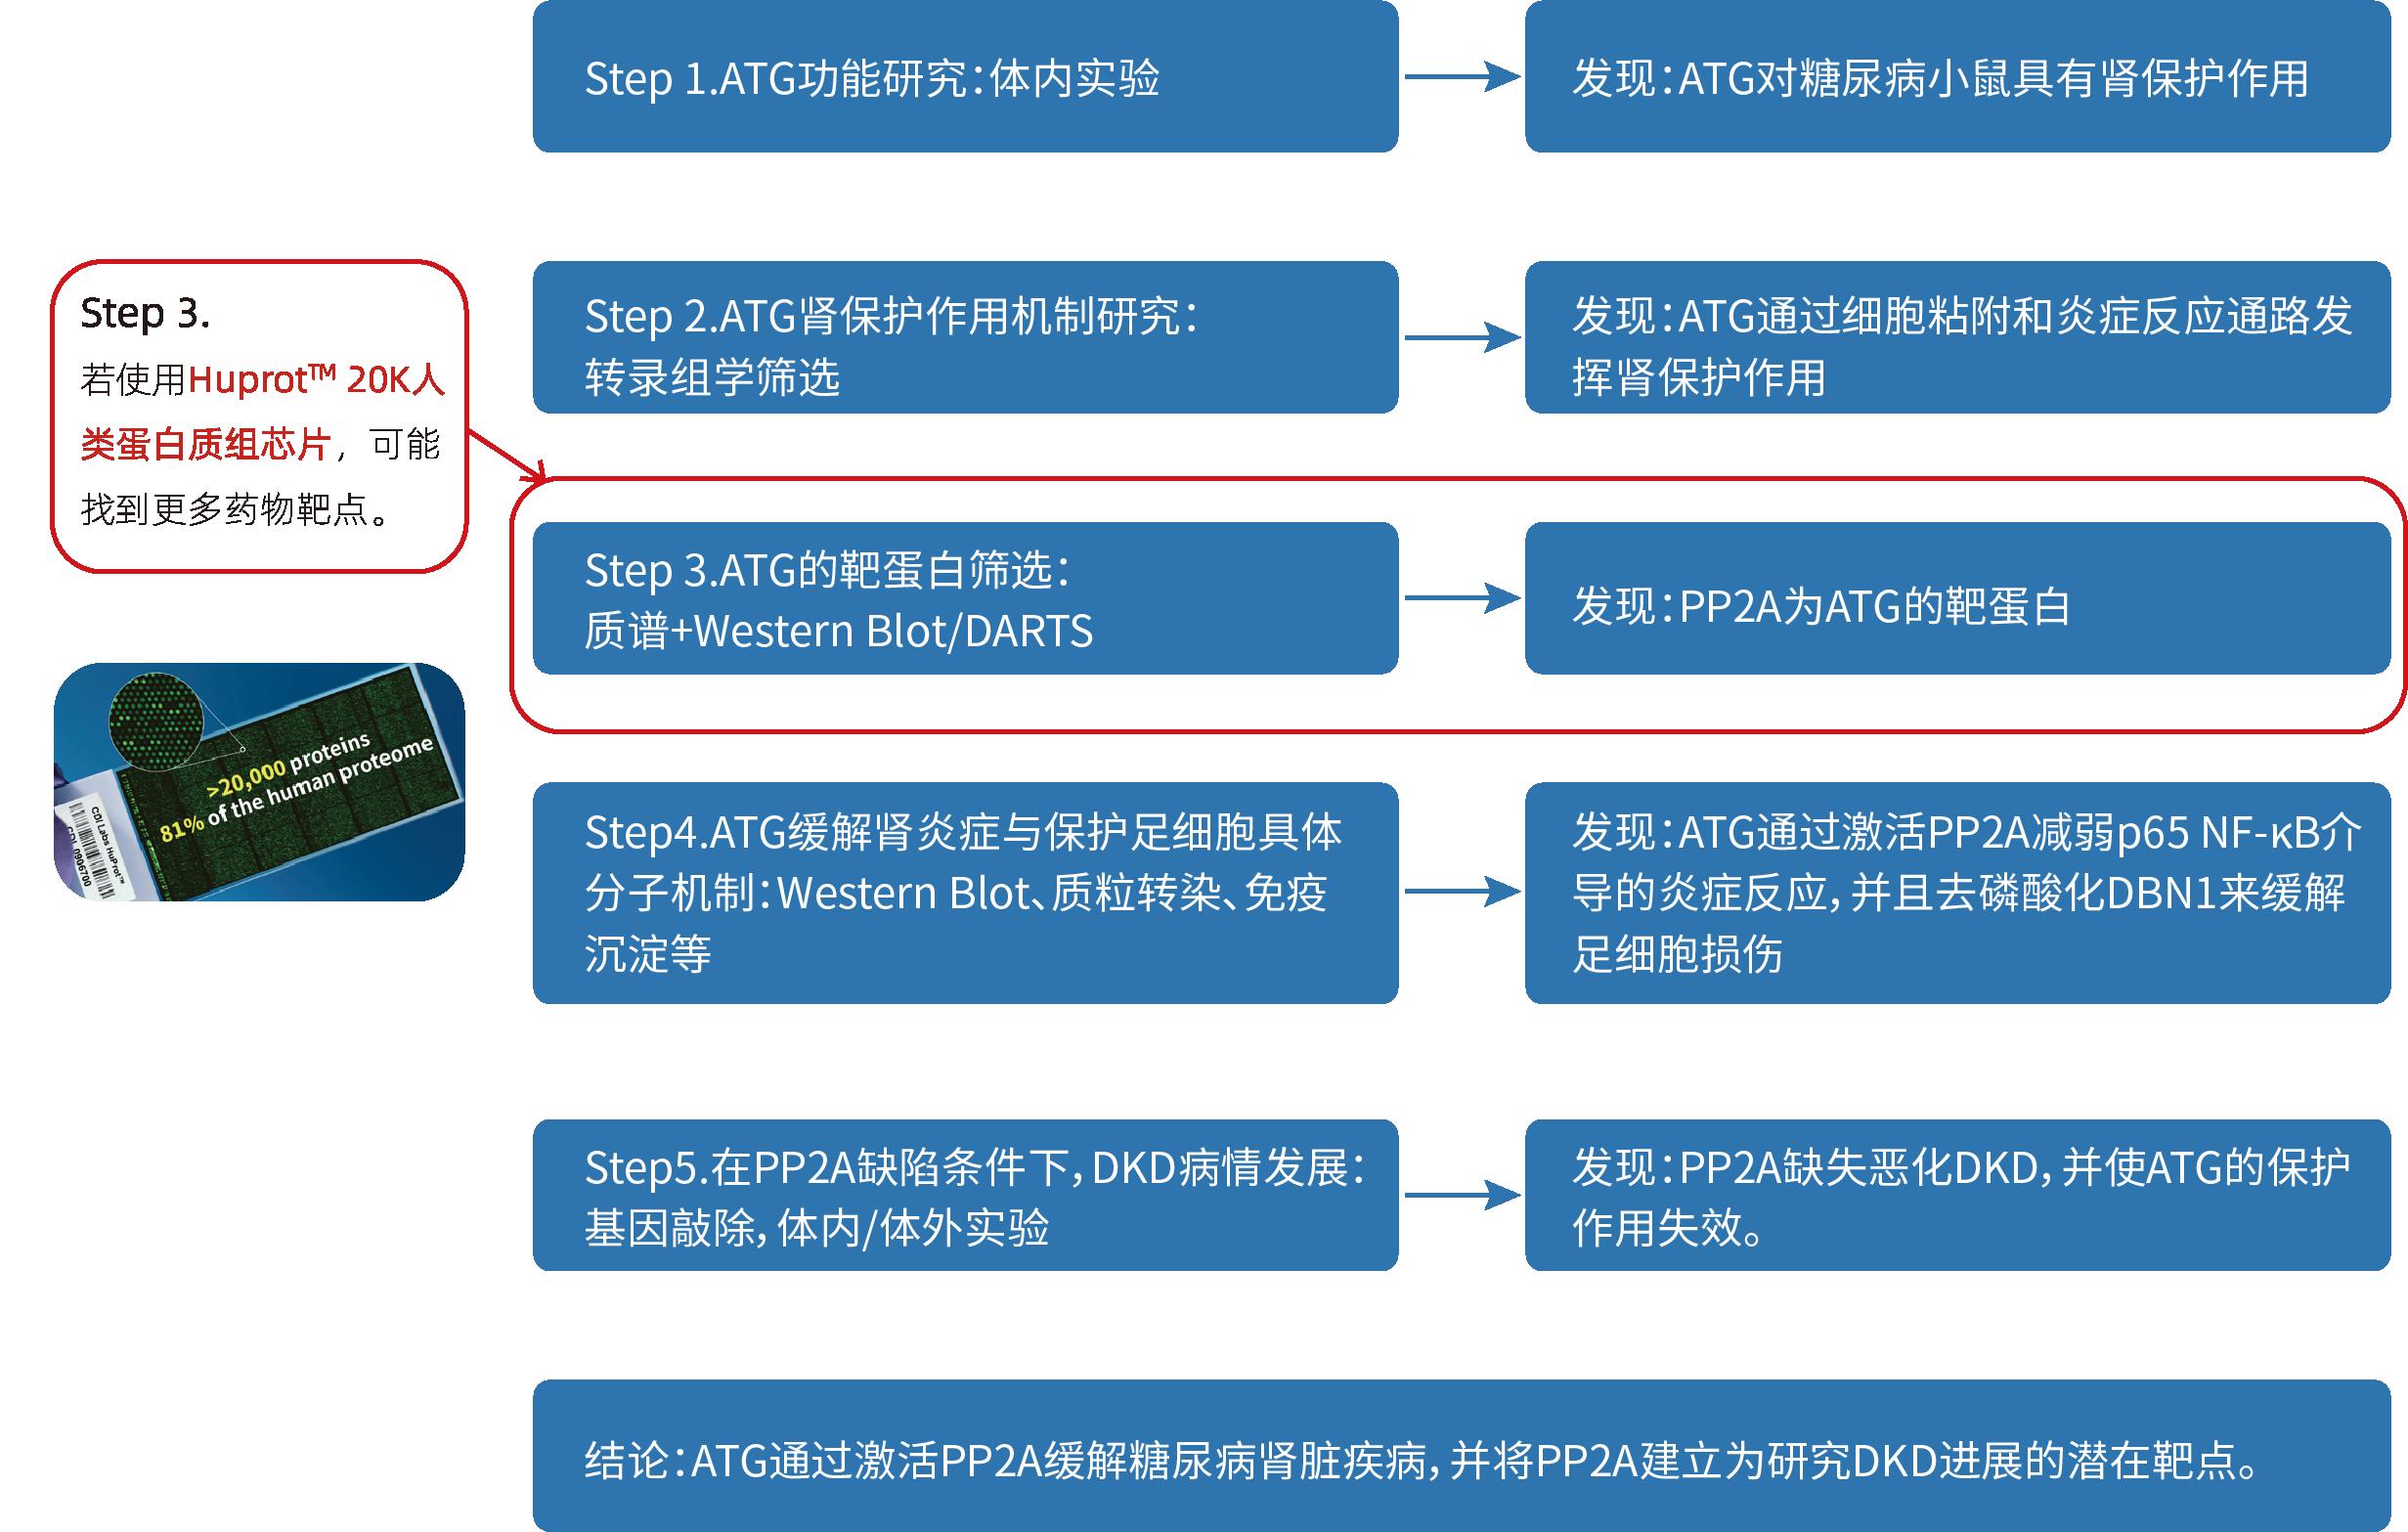 流程图 [已恢1.png